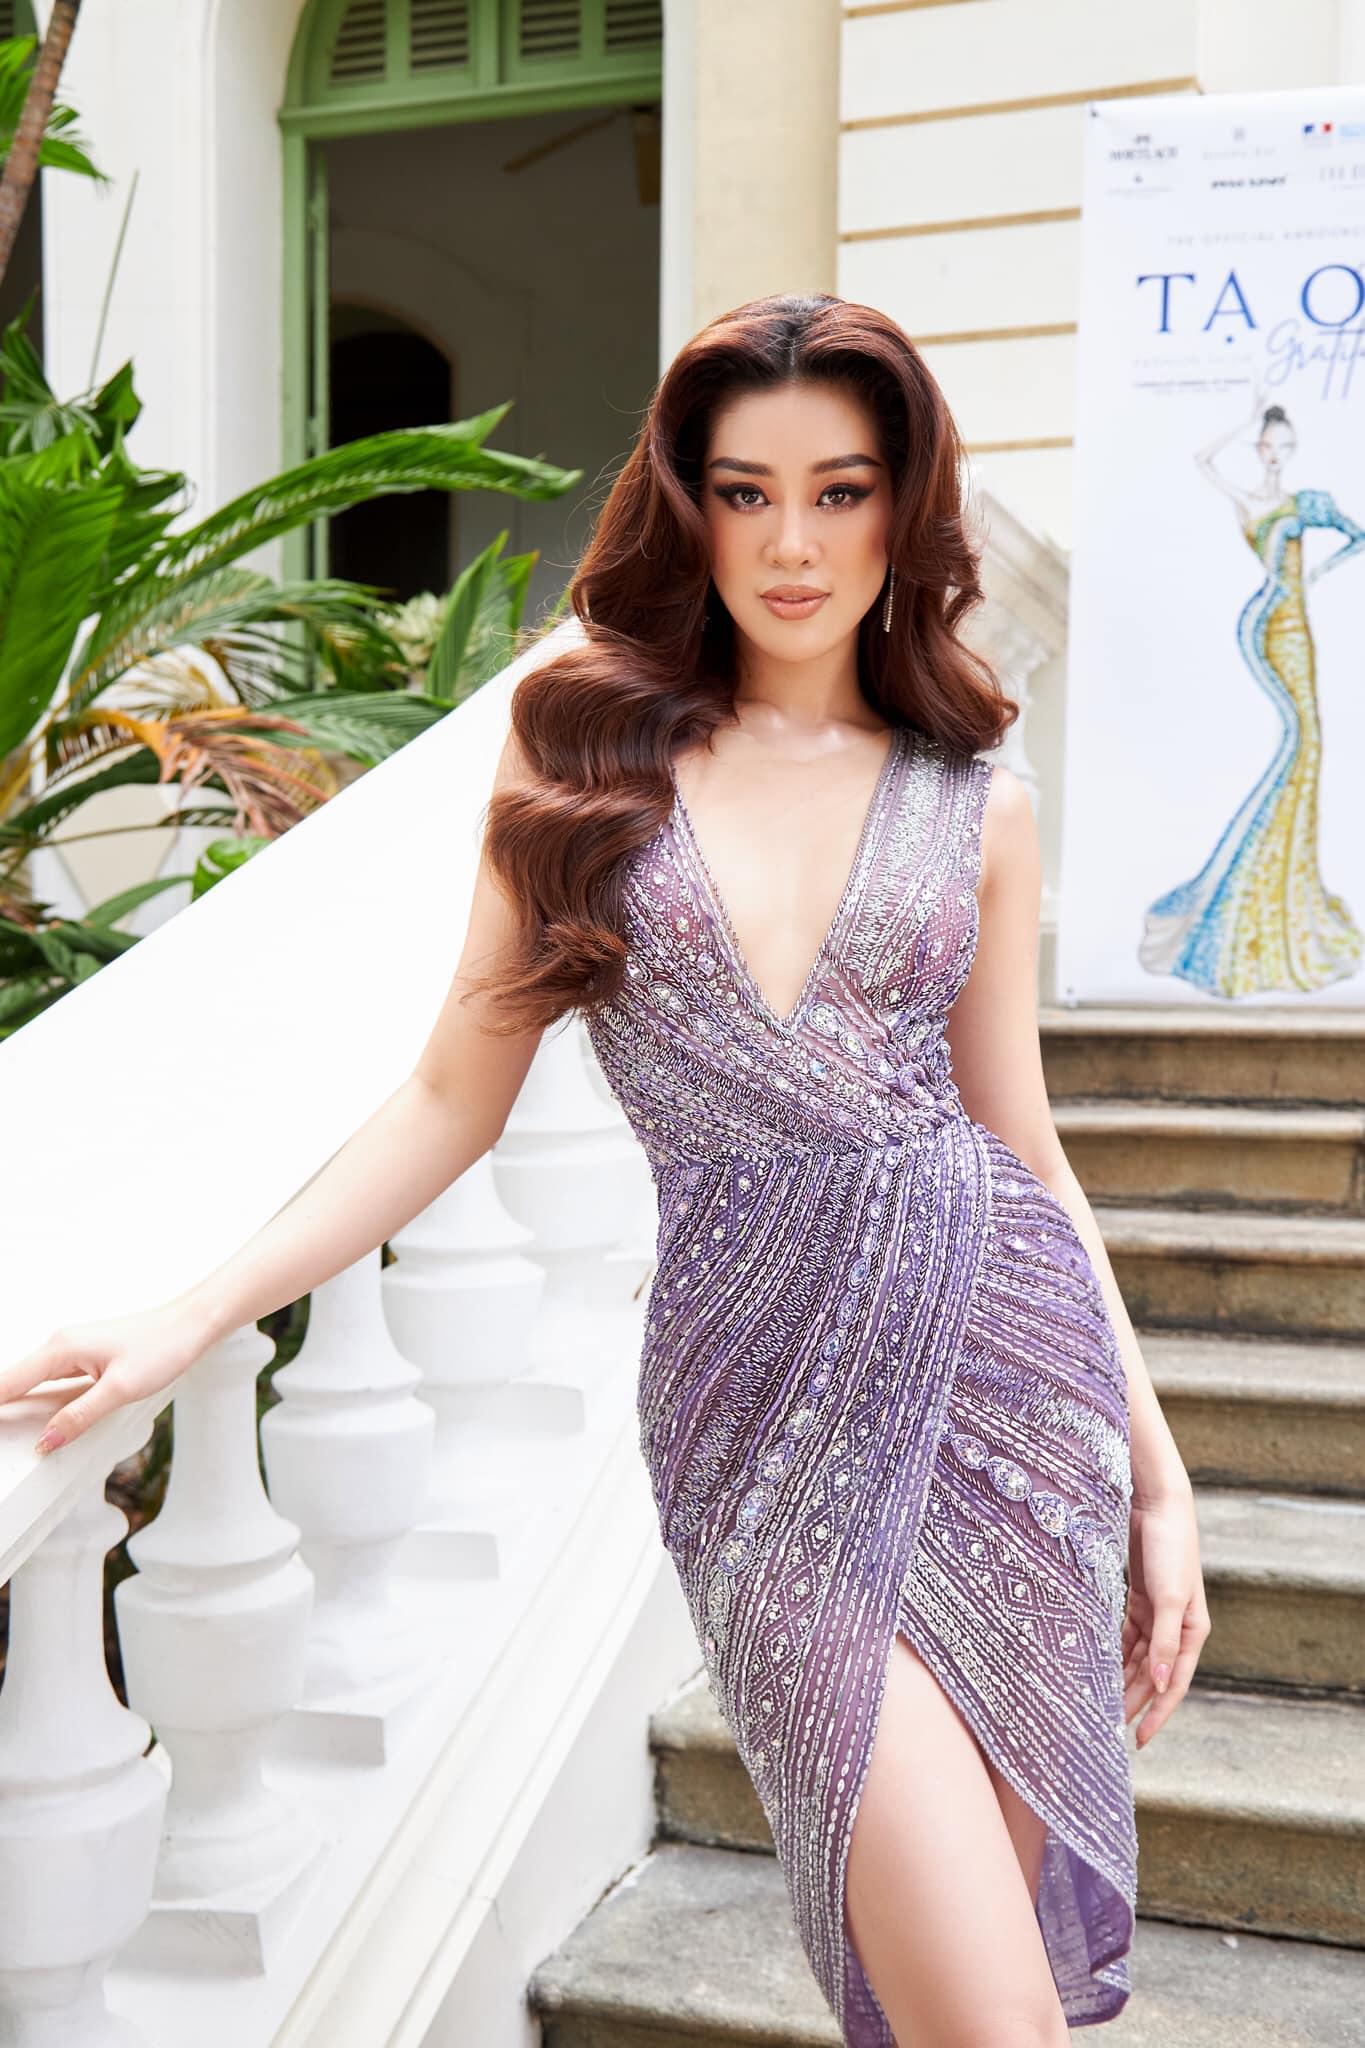 H'Hen Niê, Lương Thùy Linh và dàn sao Việt so kè nhan sắc đẹp 'bất bại' trong trang phục dạ hội 1